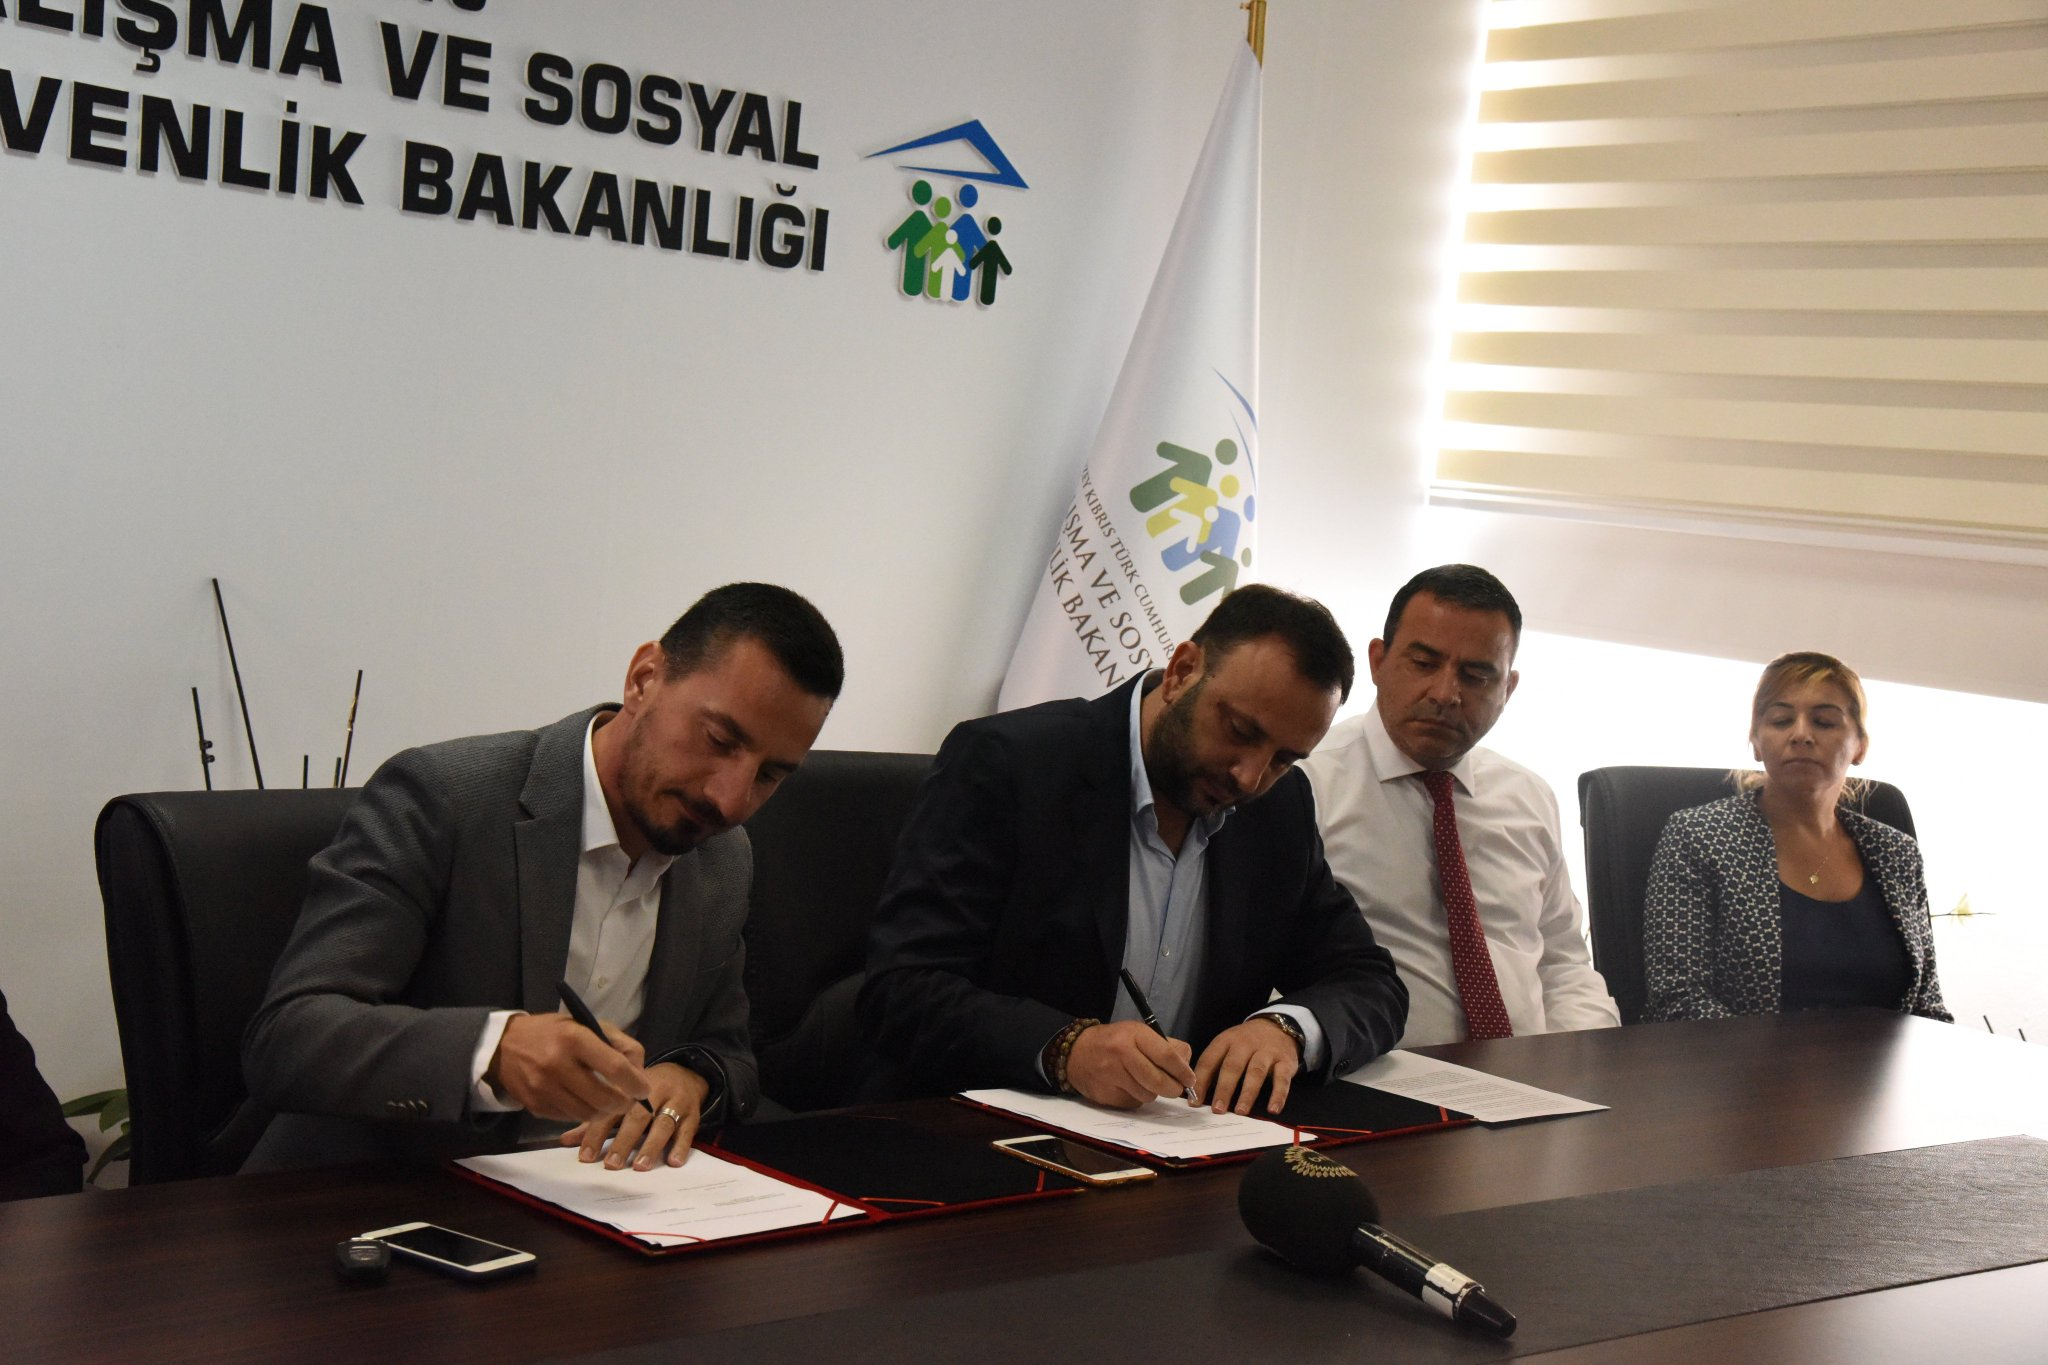 Çalışma Bakanlığı ile üniversitelerin bir araya gelmesini 'Kadına Yönelik Şiddetle Mücadelede İşbirliği Protokolü' sağladı